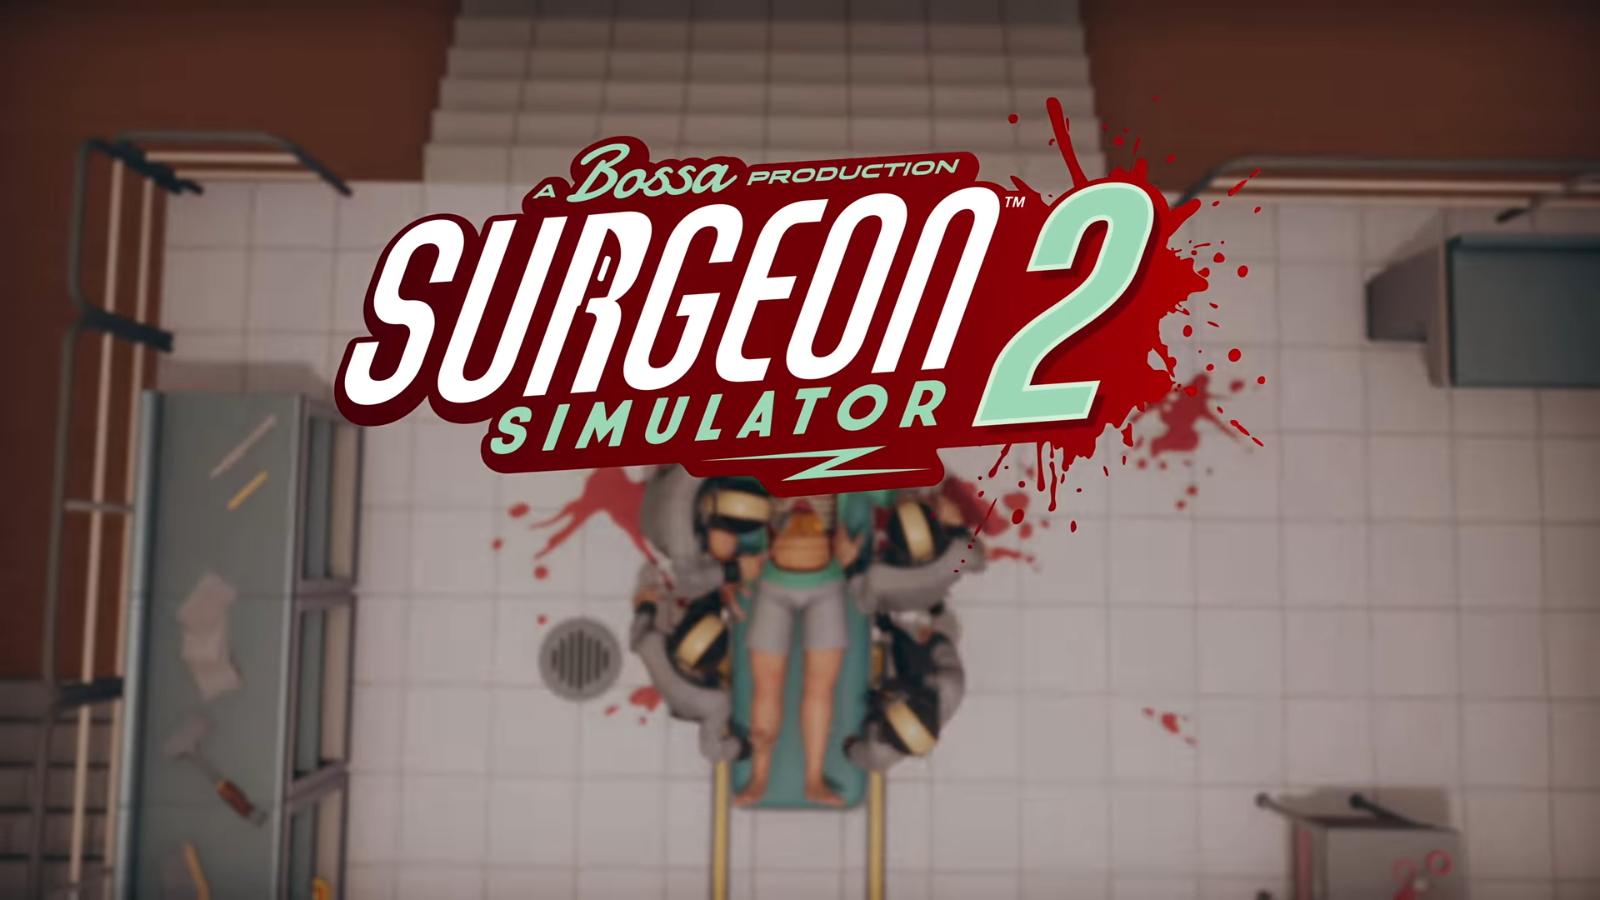 Annunciato Surgeon Simulator 2 tramite un trailer